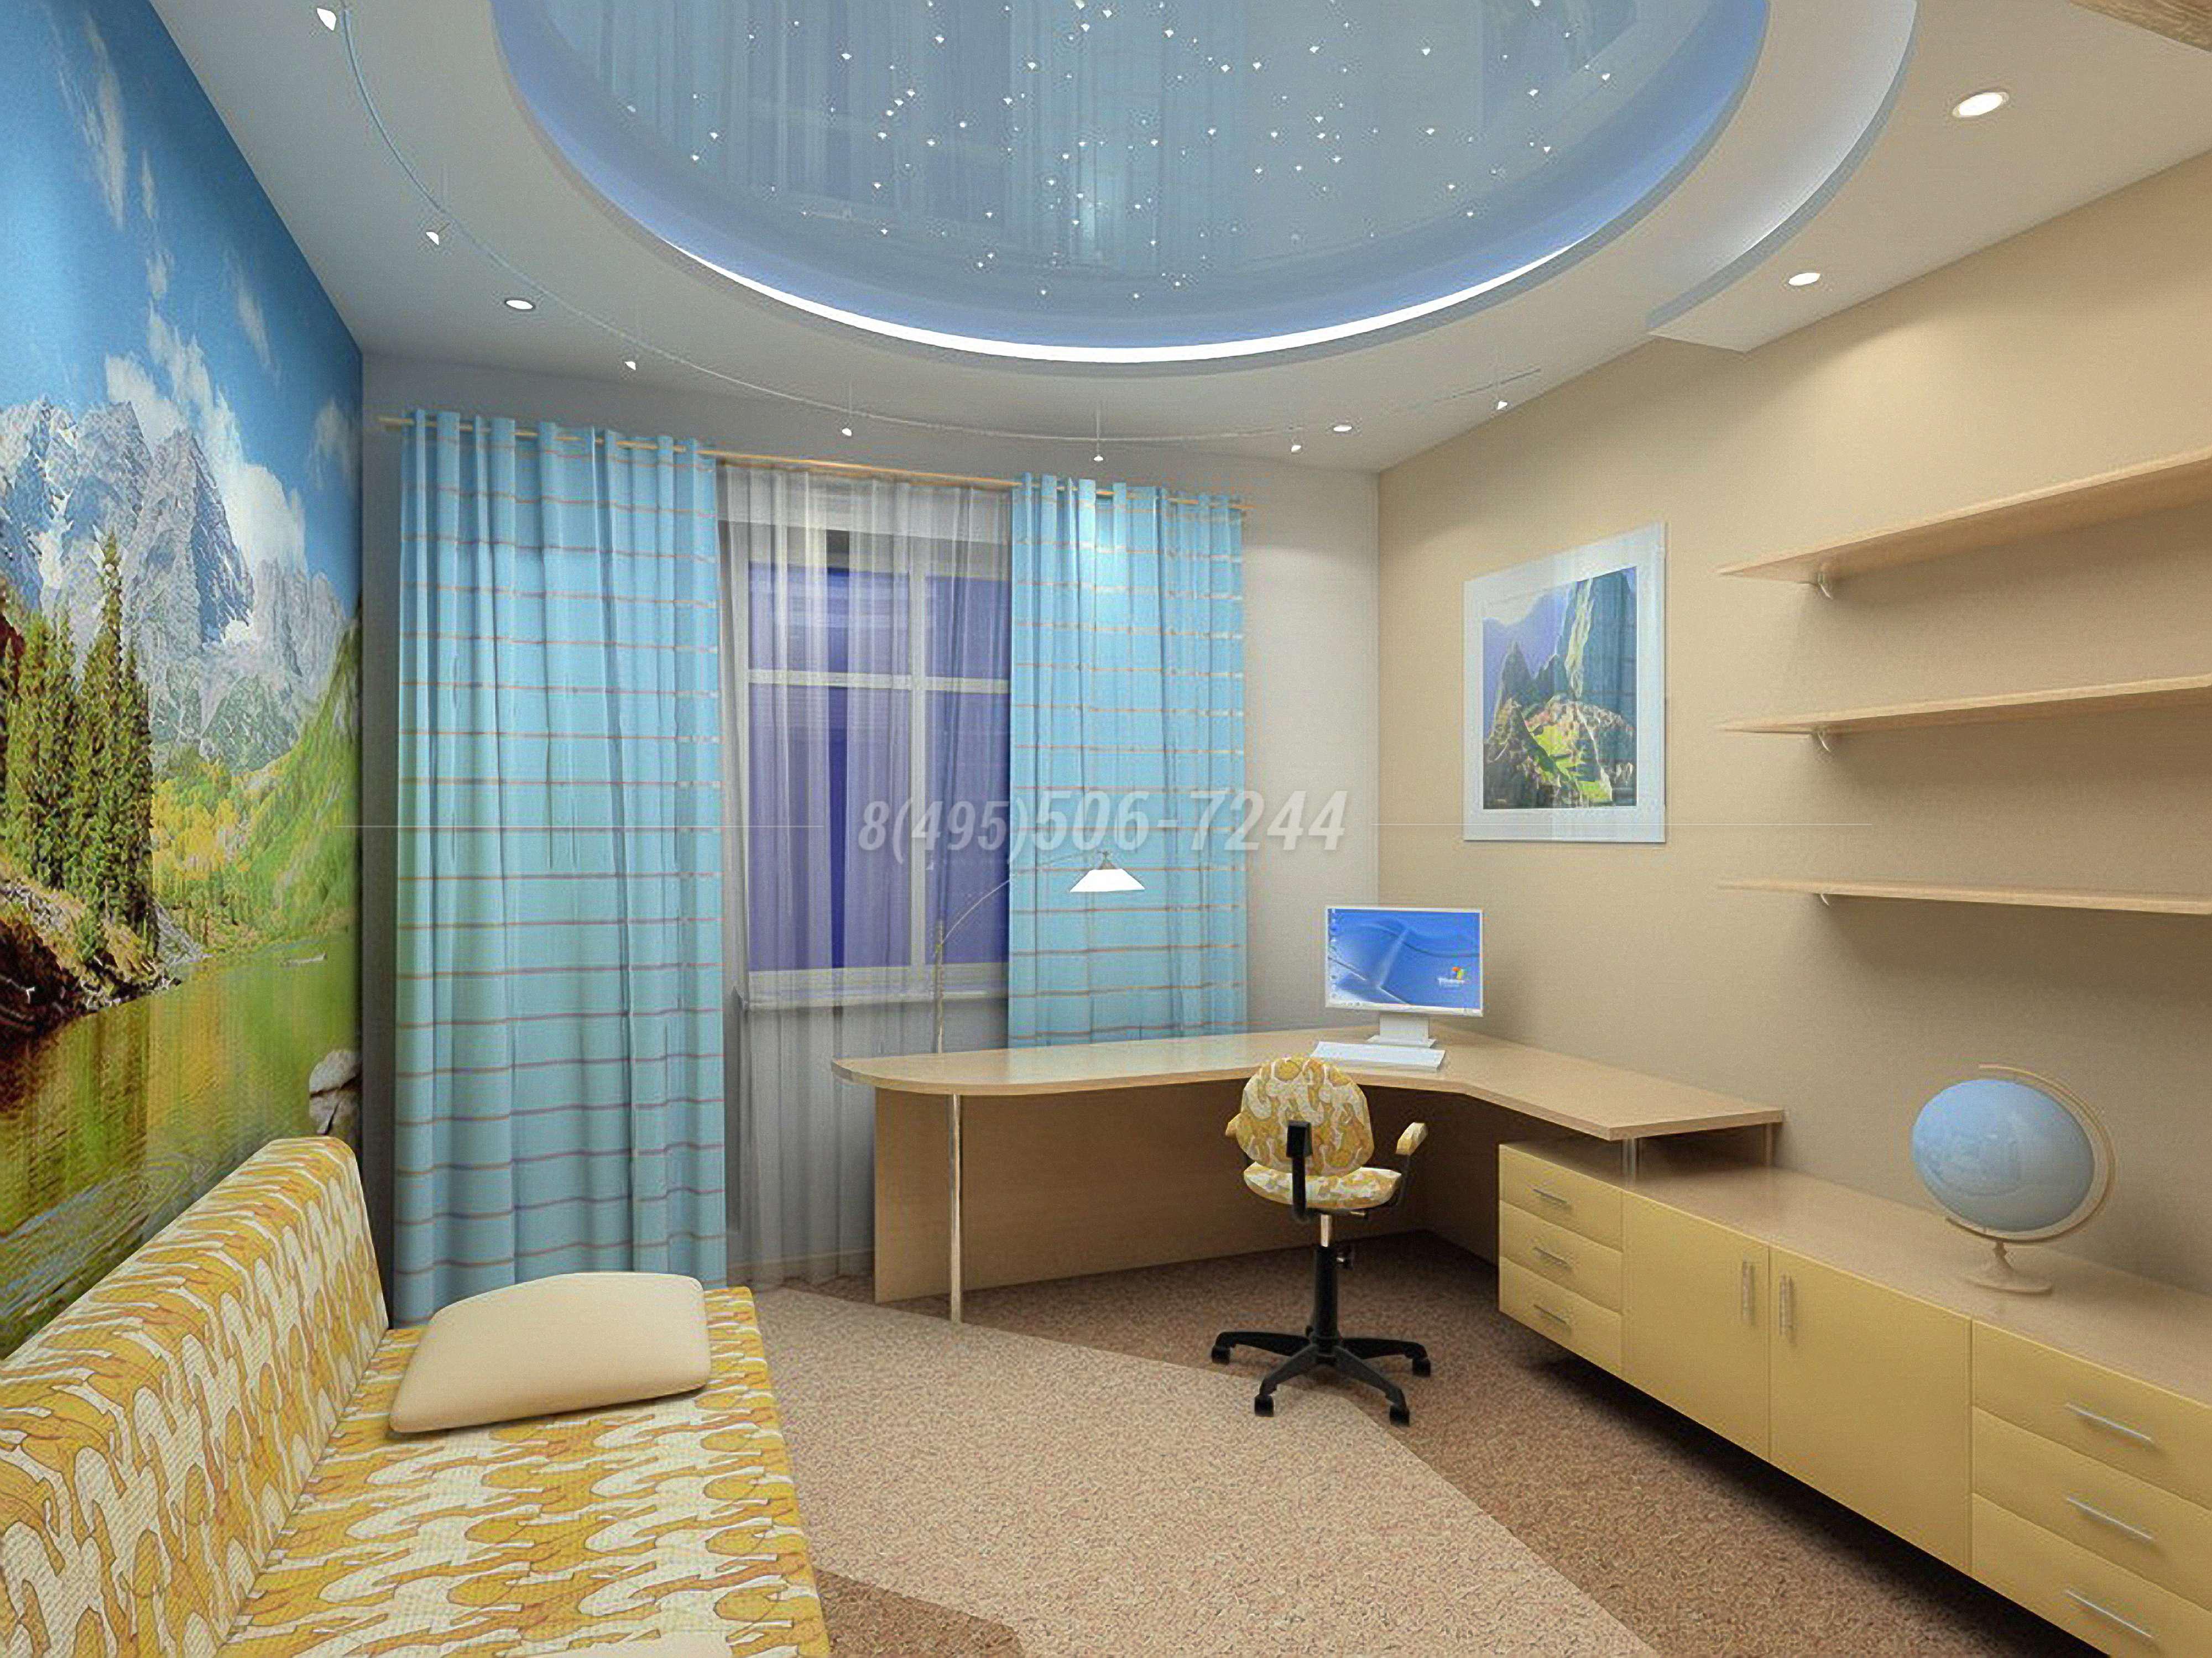 Дизайн натяжных потолков в маленькой комнате